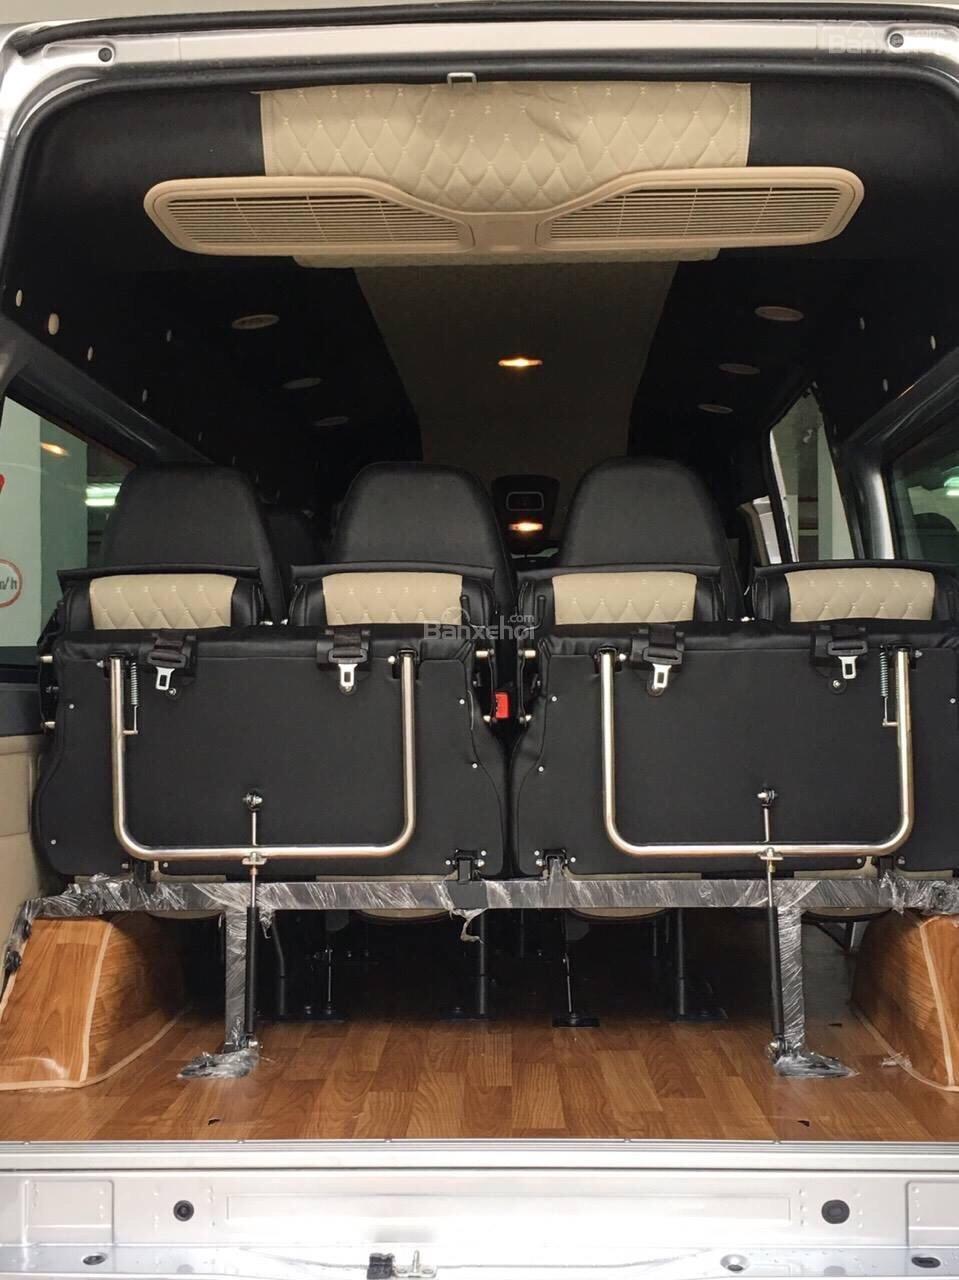 Bán Transit 2019, giao xe ngay hỗ trợ vay 5-7 năm 80-90% giá trị xe tặng ngay hộp đen - lót sàn giả gỗ - bọc trần-3